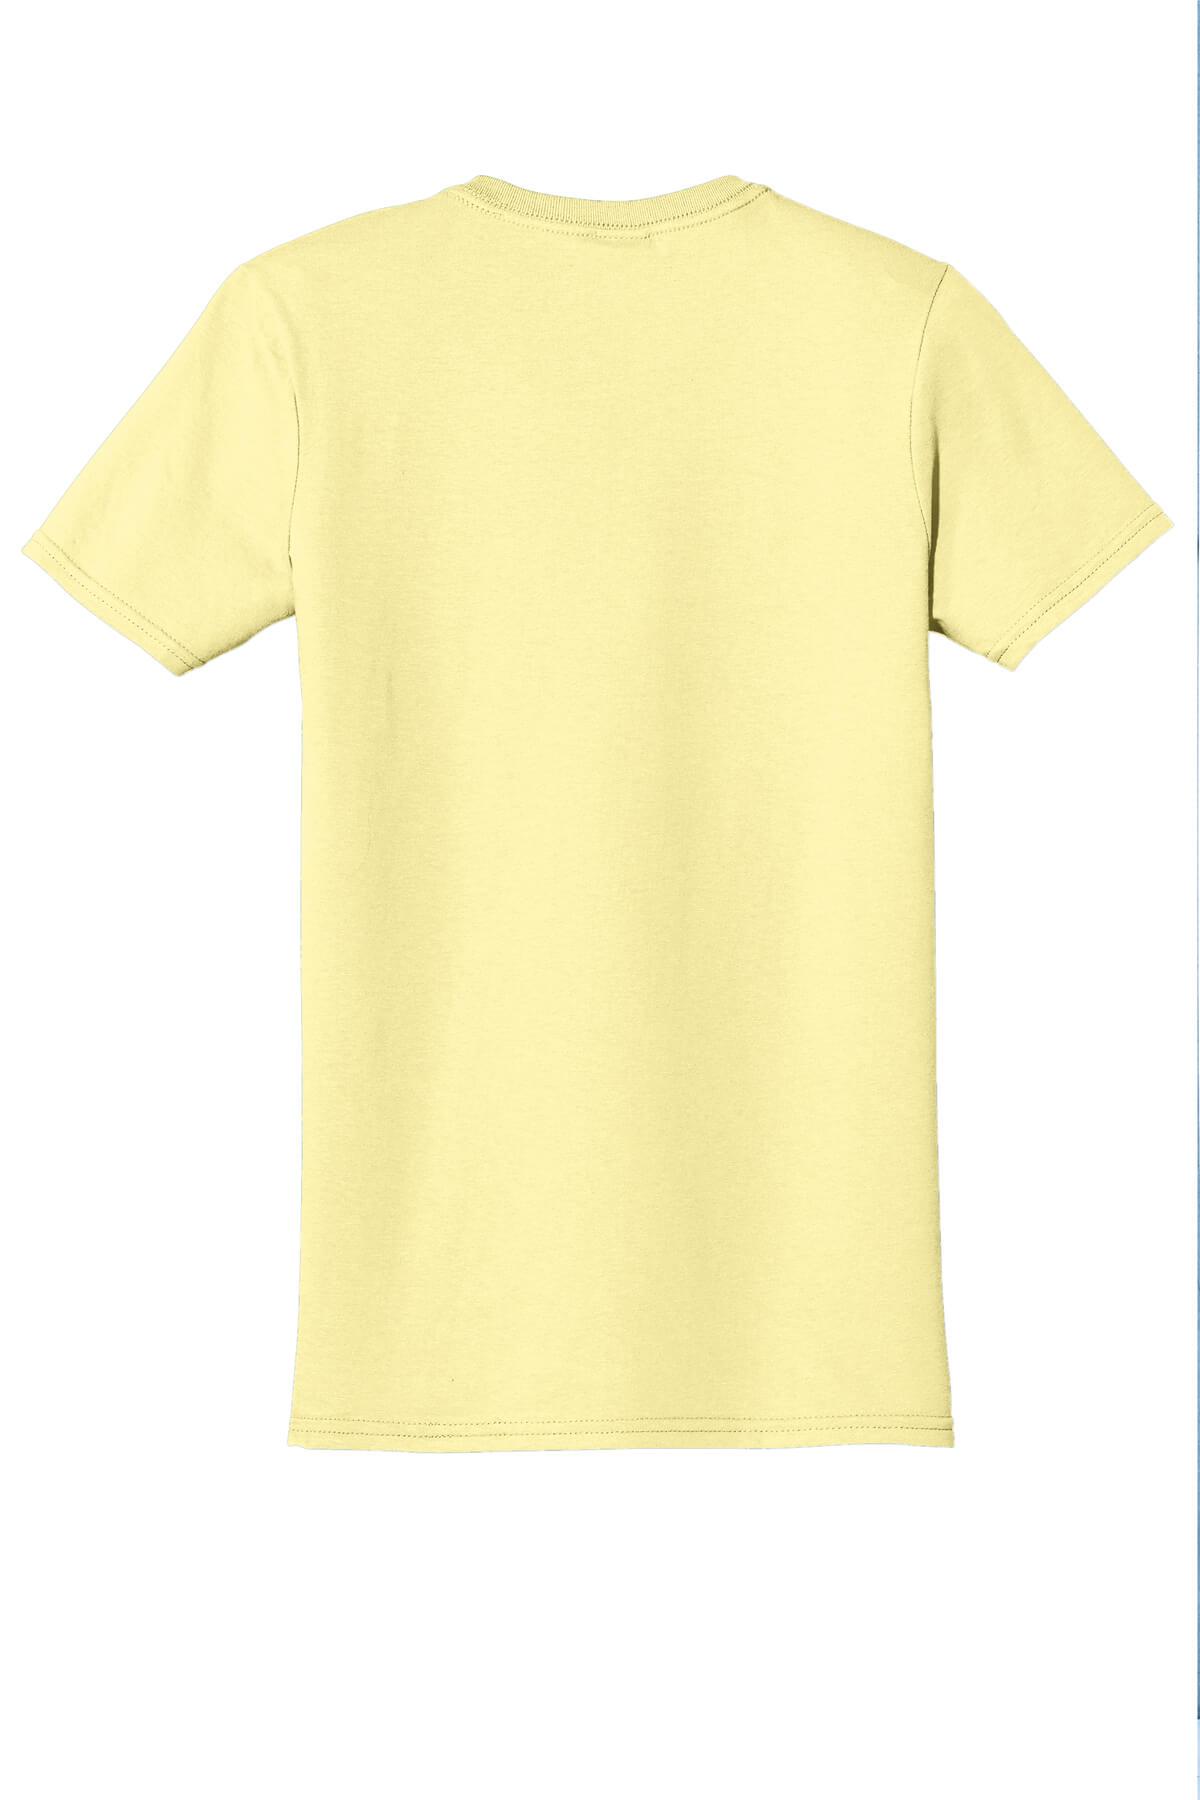 Corn Silk T-Shirt Back